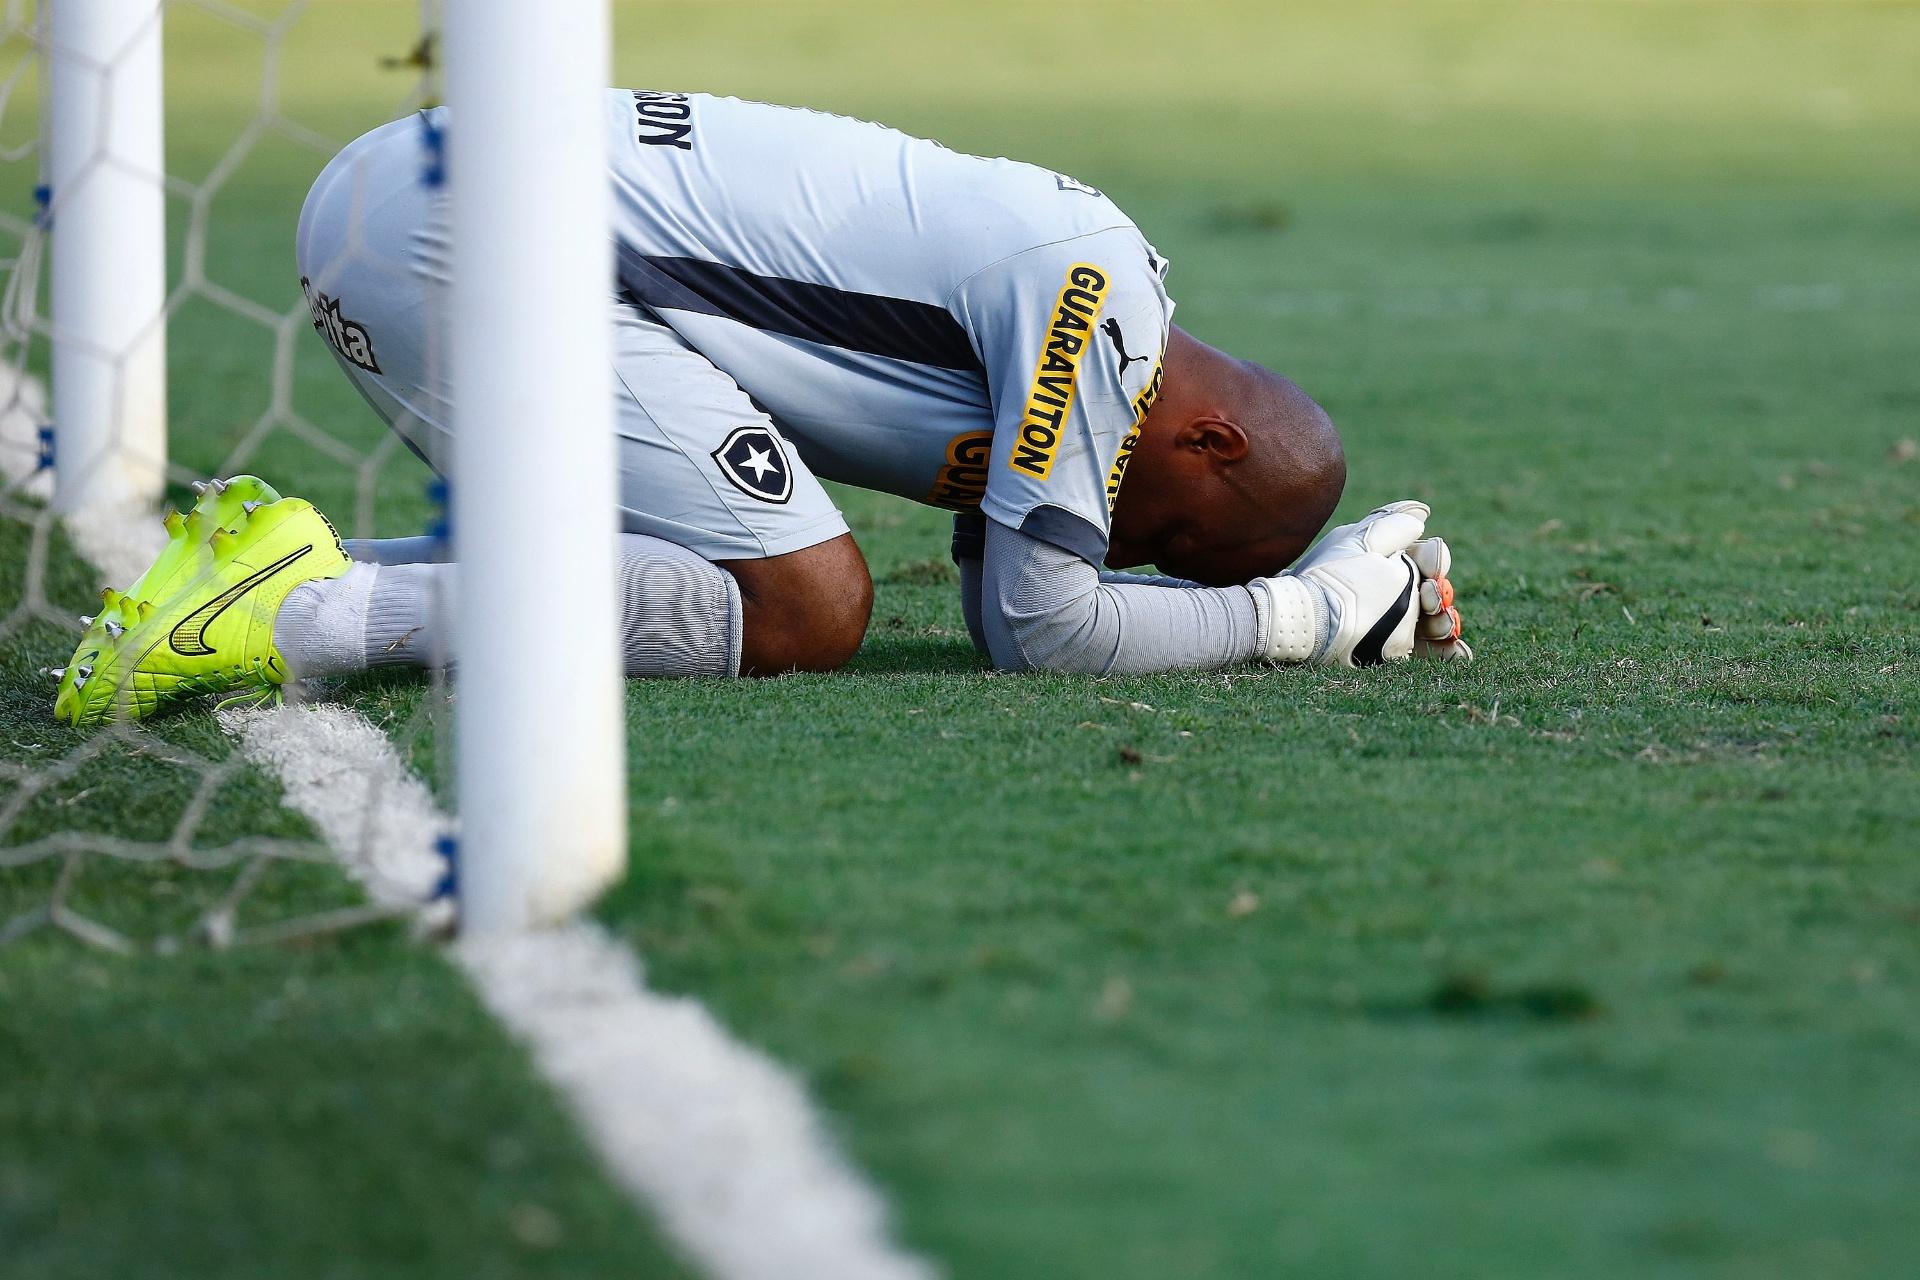 c954bc2d9a Botafogo perde para o Santos e vai jogar Série B pela 2ª vez na história -  30 11 2014 - UOL Esporte